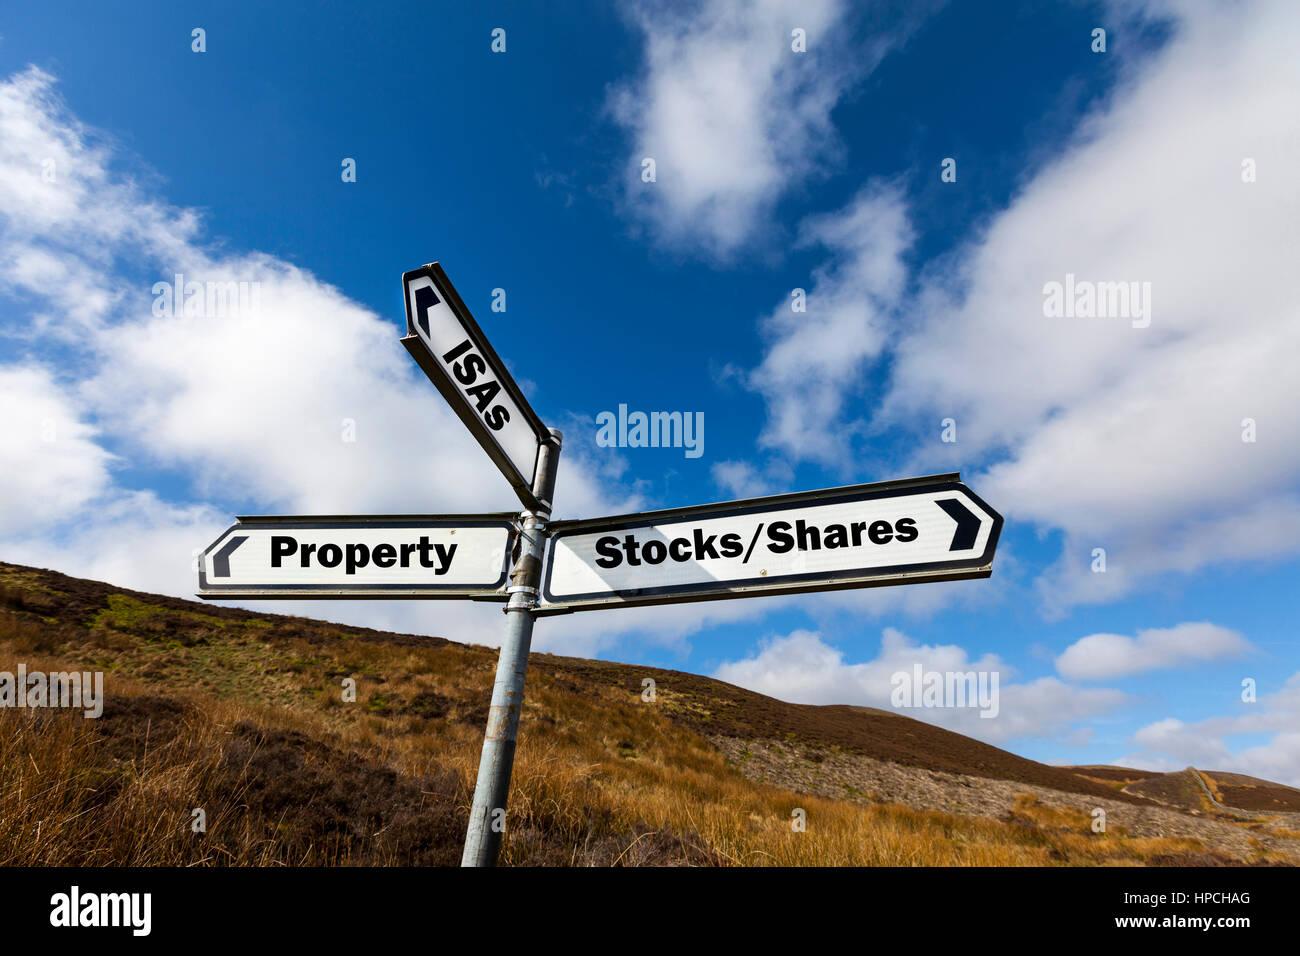 Options d'INVESTISSEMENT Propriété actions UK stocks isa isa les possibilités d'investissement Photo Stock